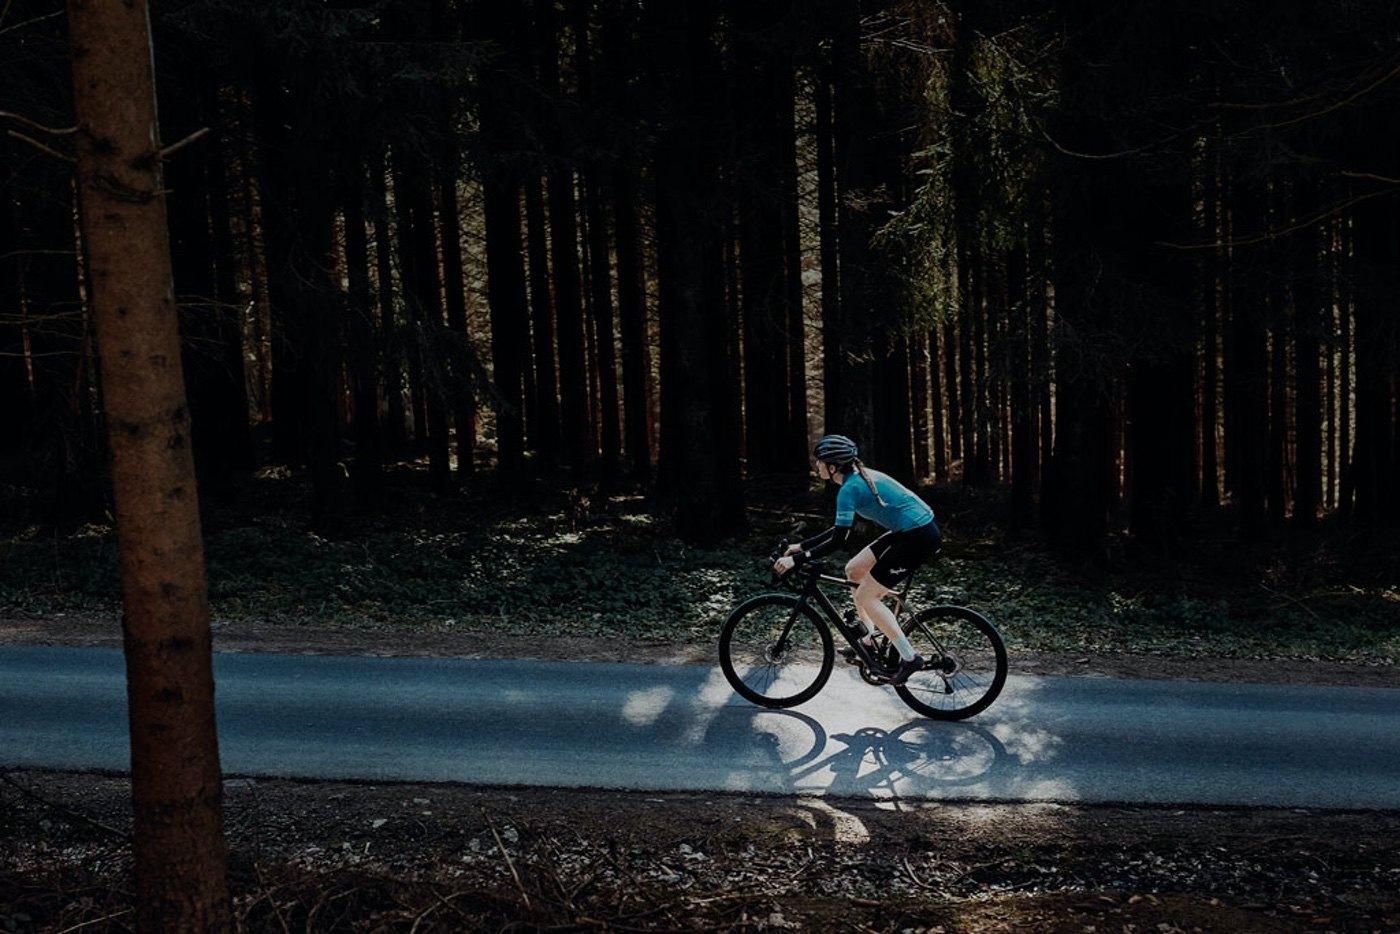 Nace la gama WMN de Canyon, la apuesta por el ciclismo femenino